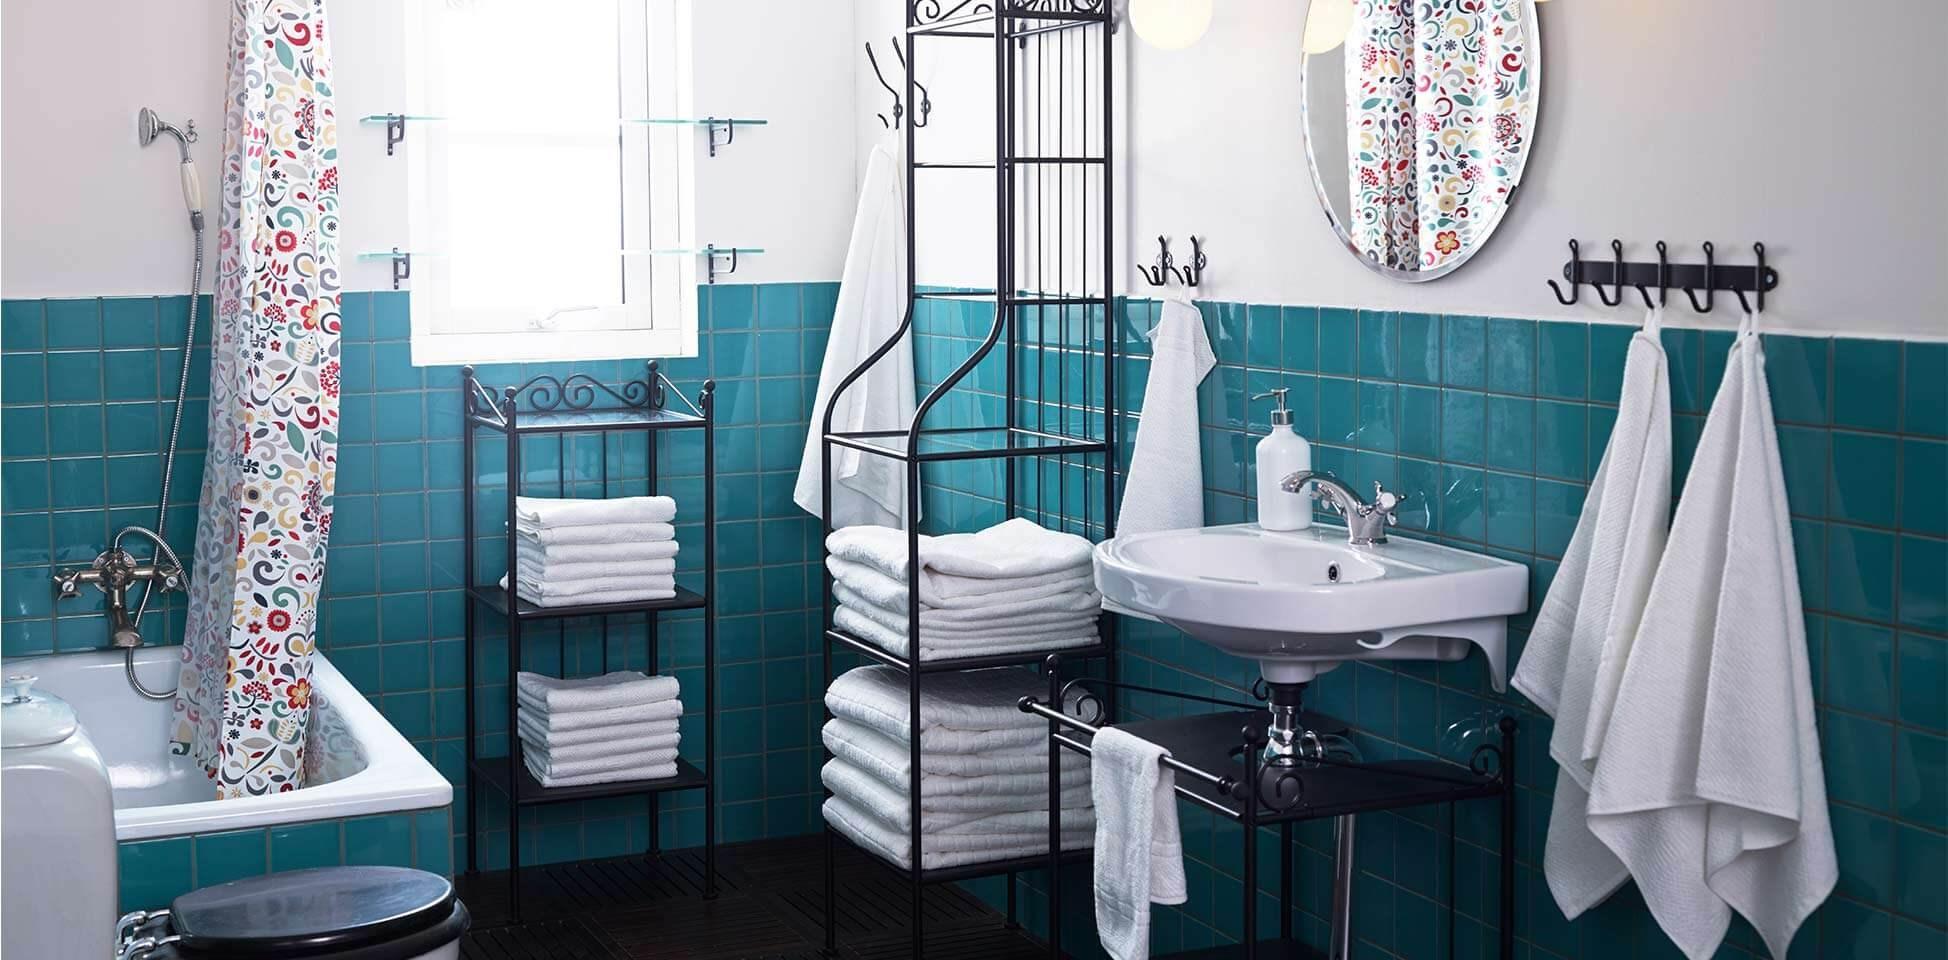 Cómo escoger toallas de alta calidad